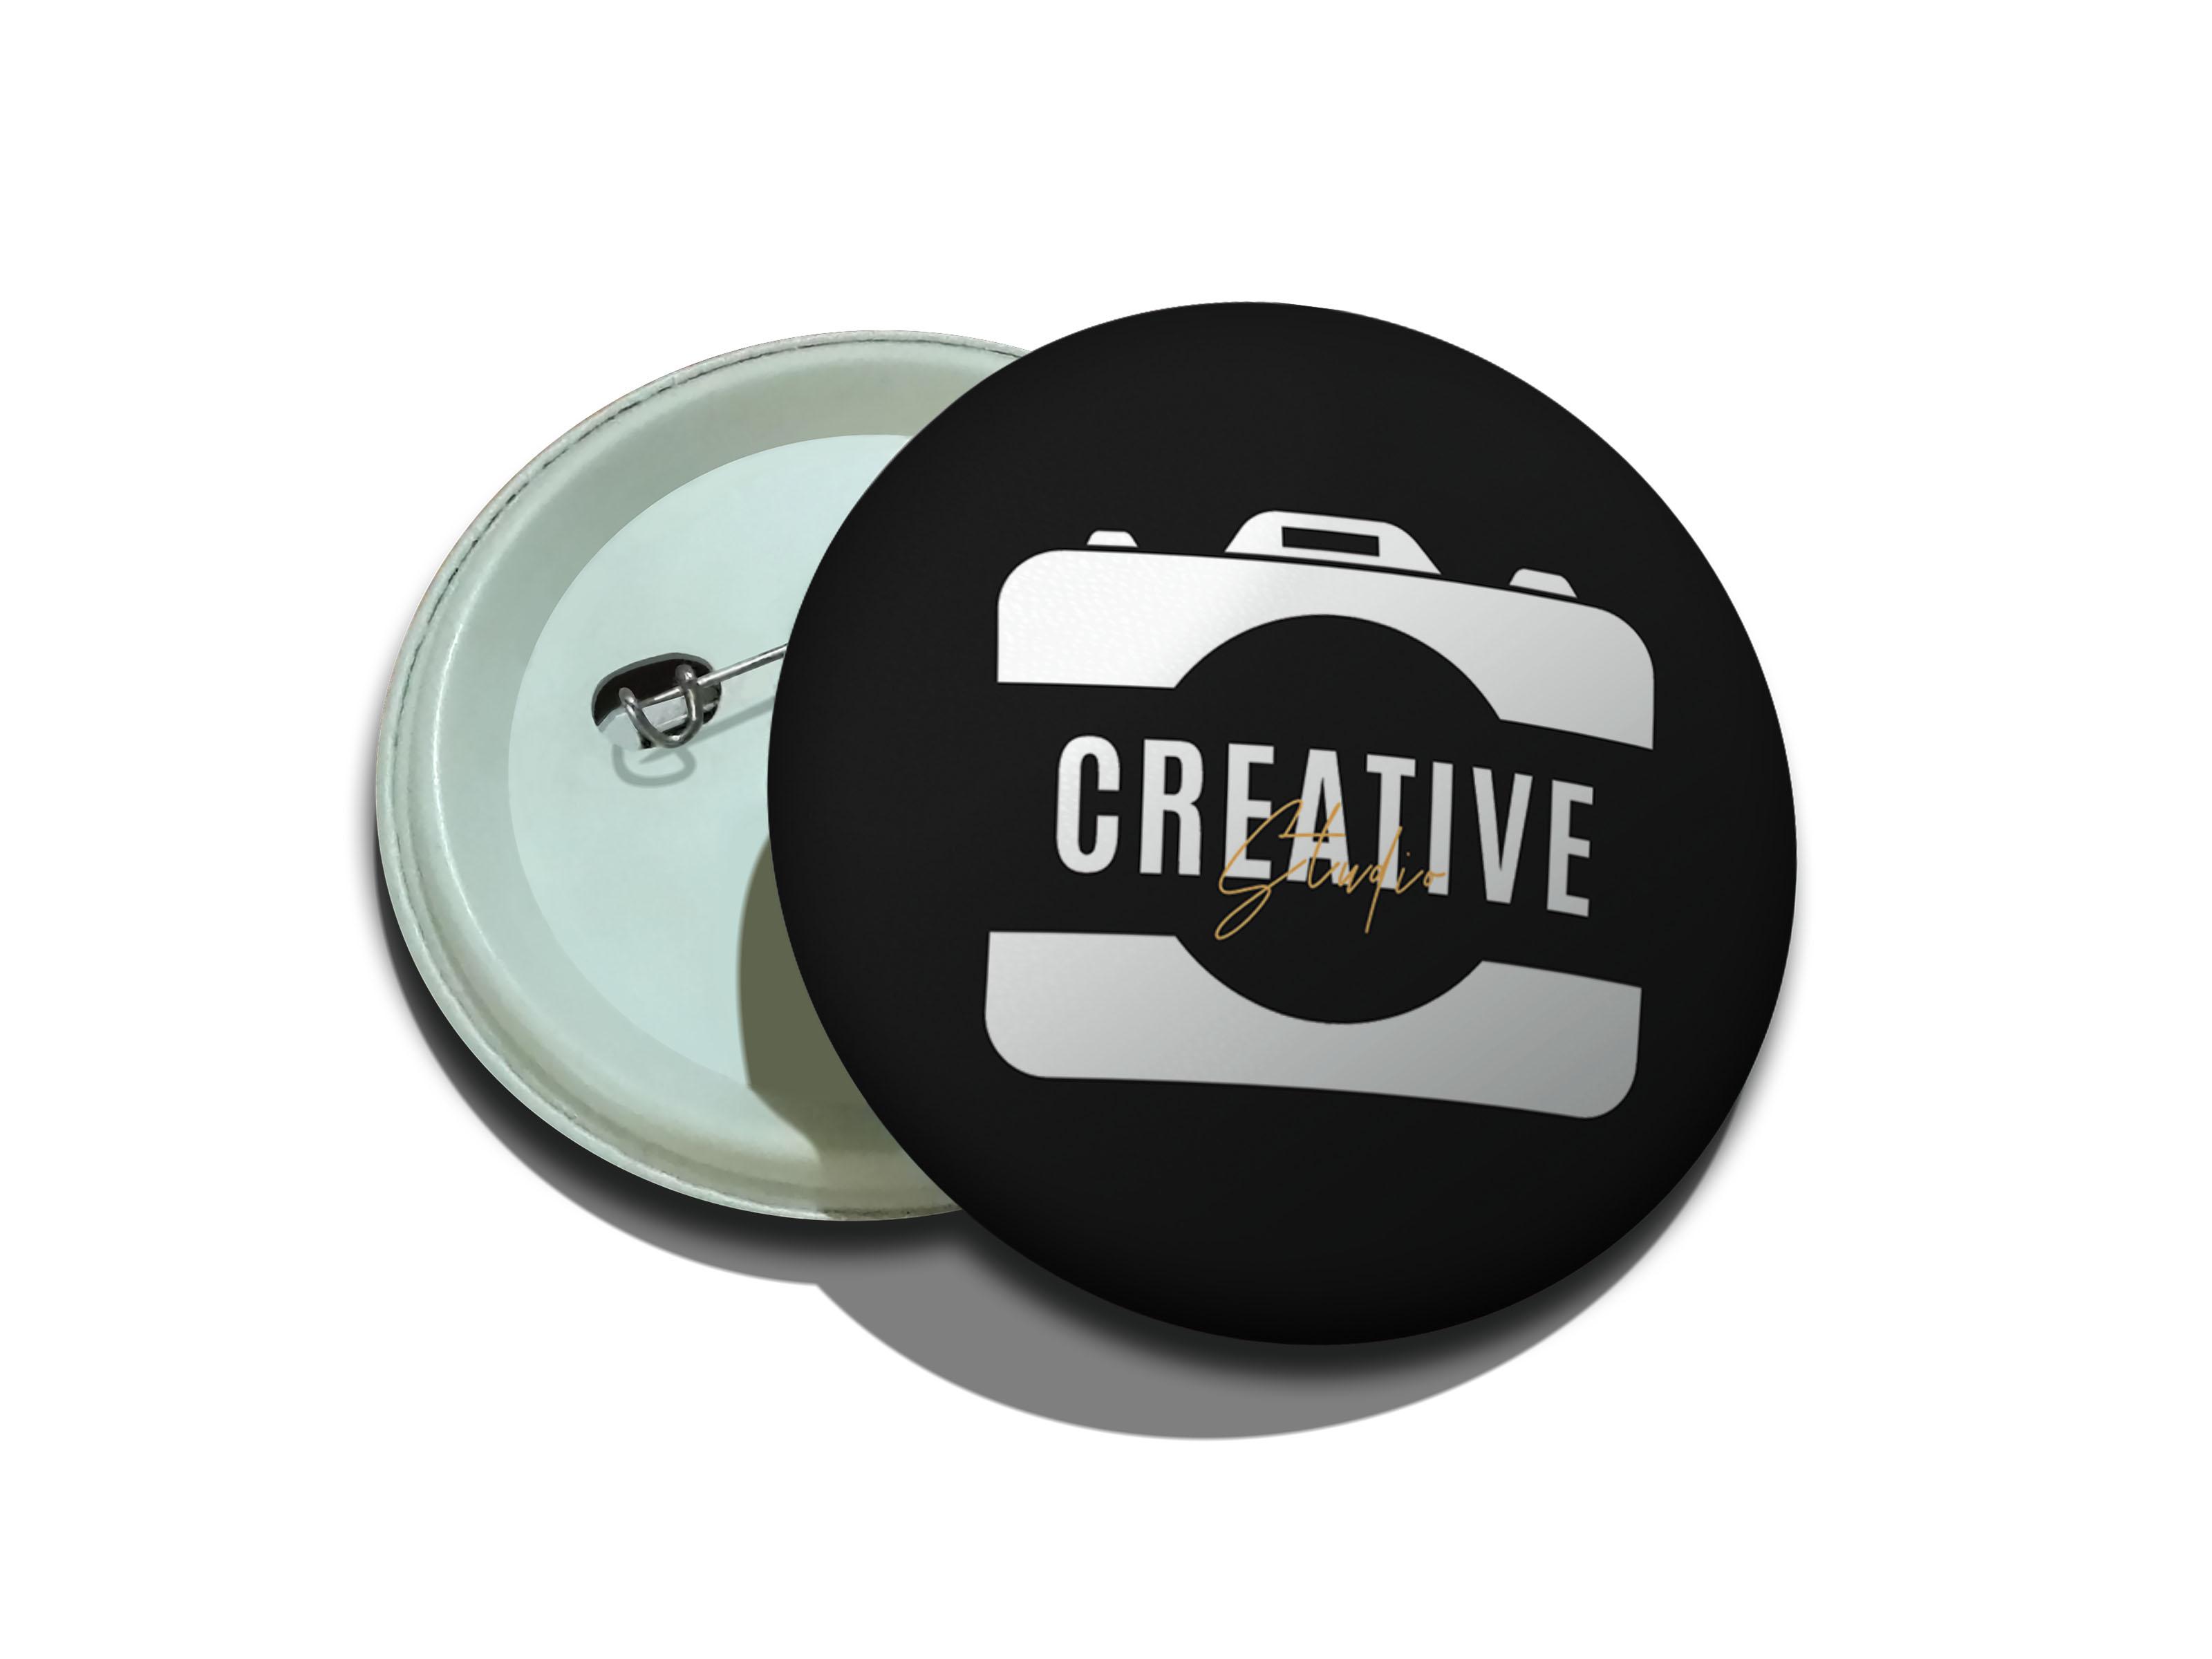 پیکسل سوزنی طرح دوربین creative